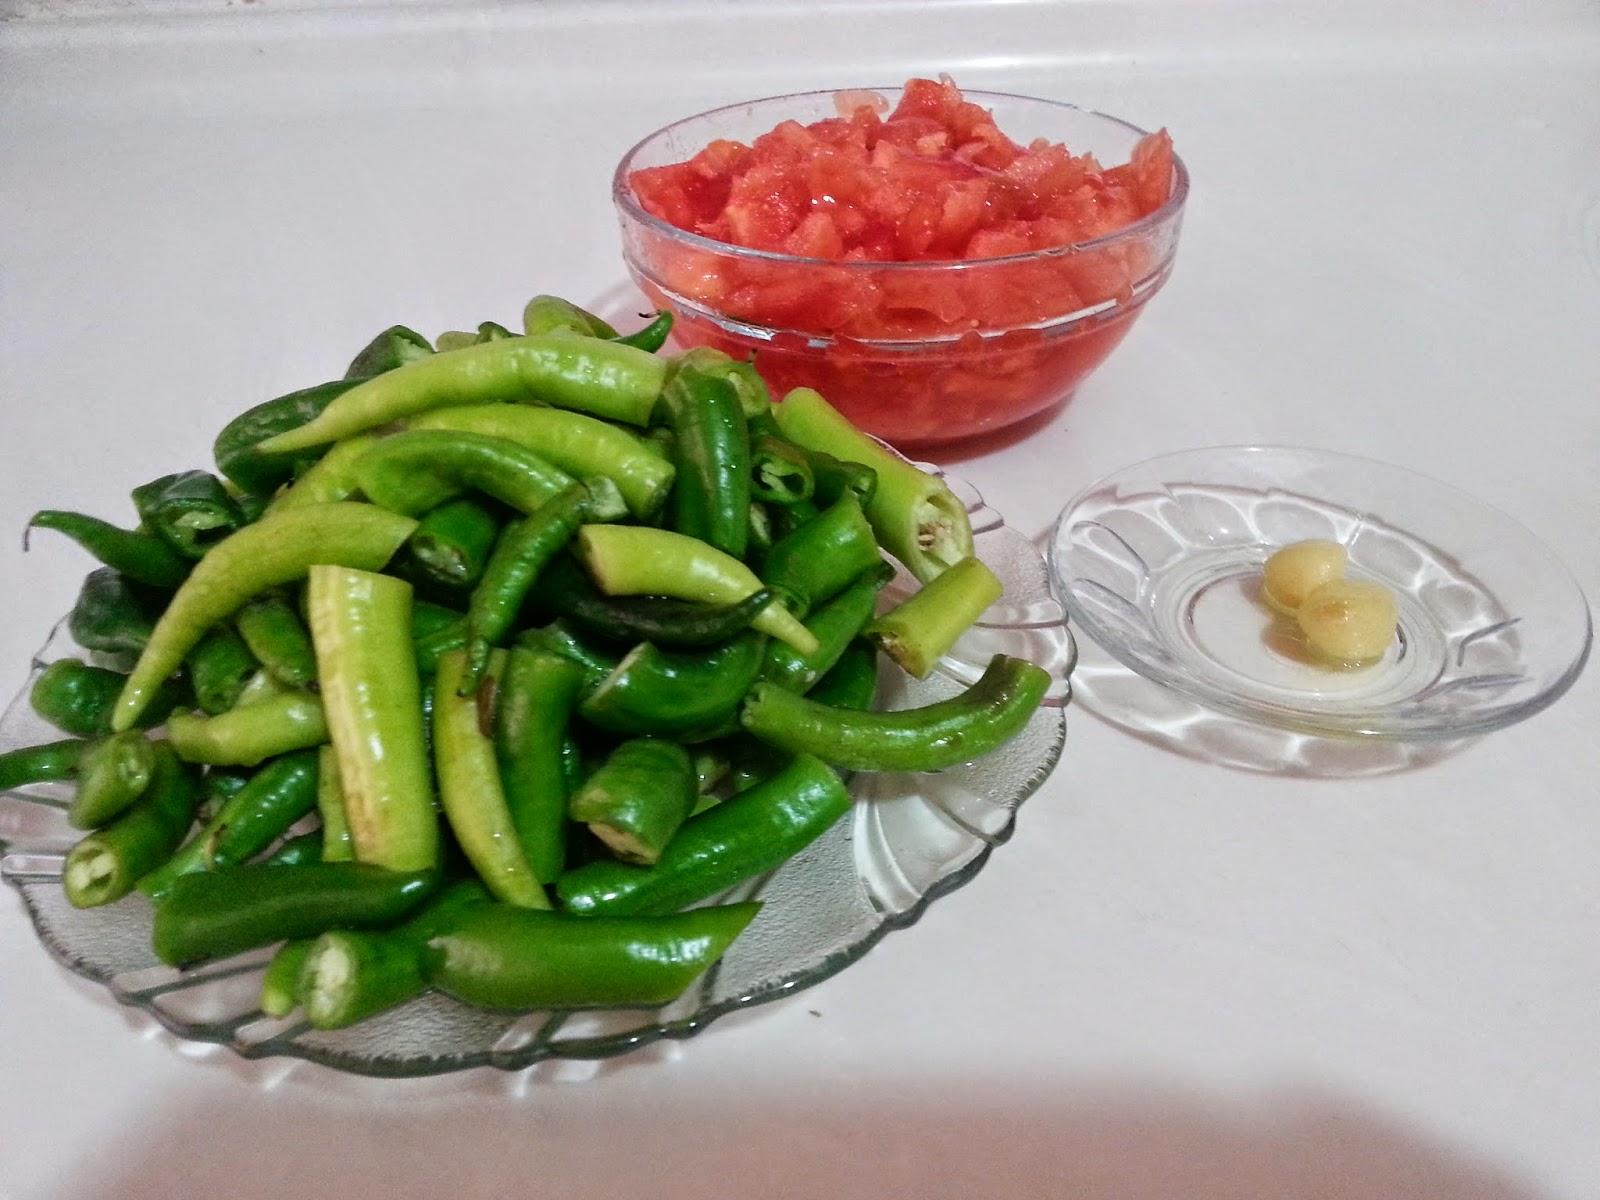 yağ,kızartma,biber,domates,yemek,tarif